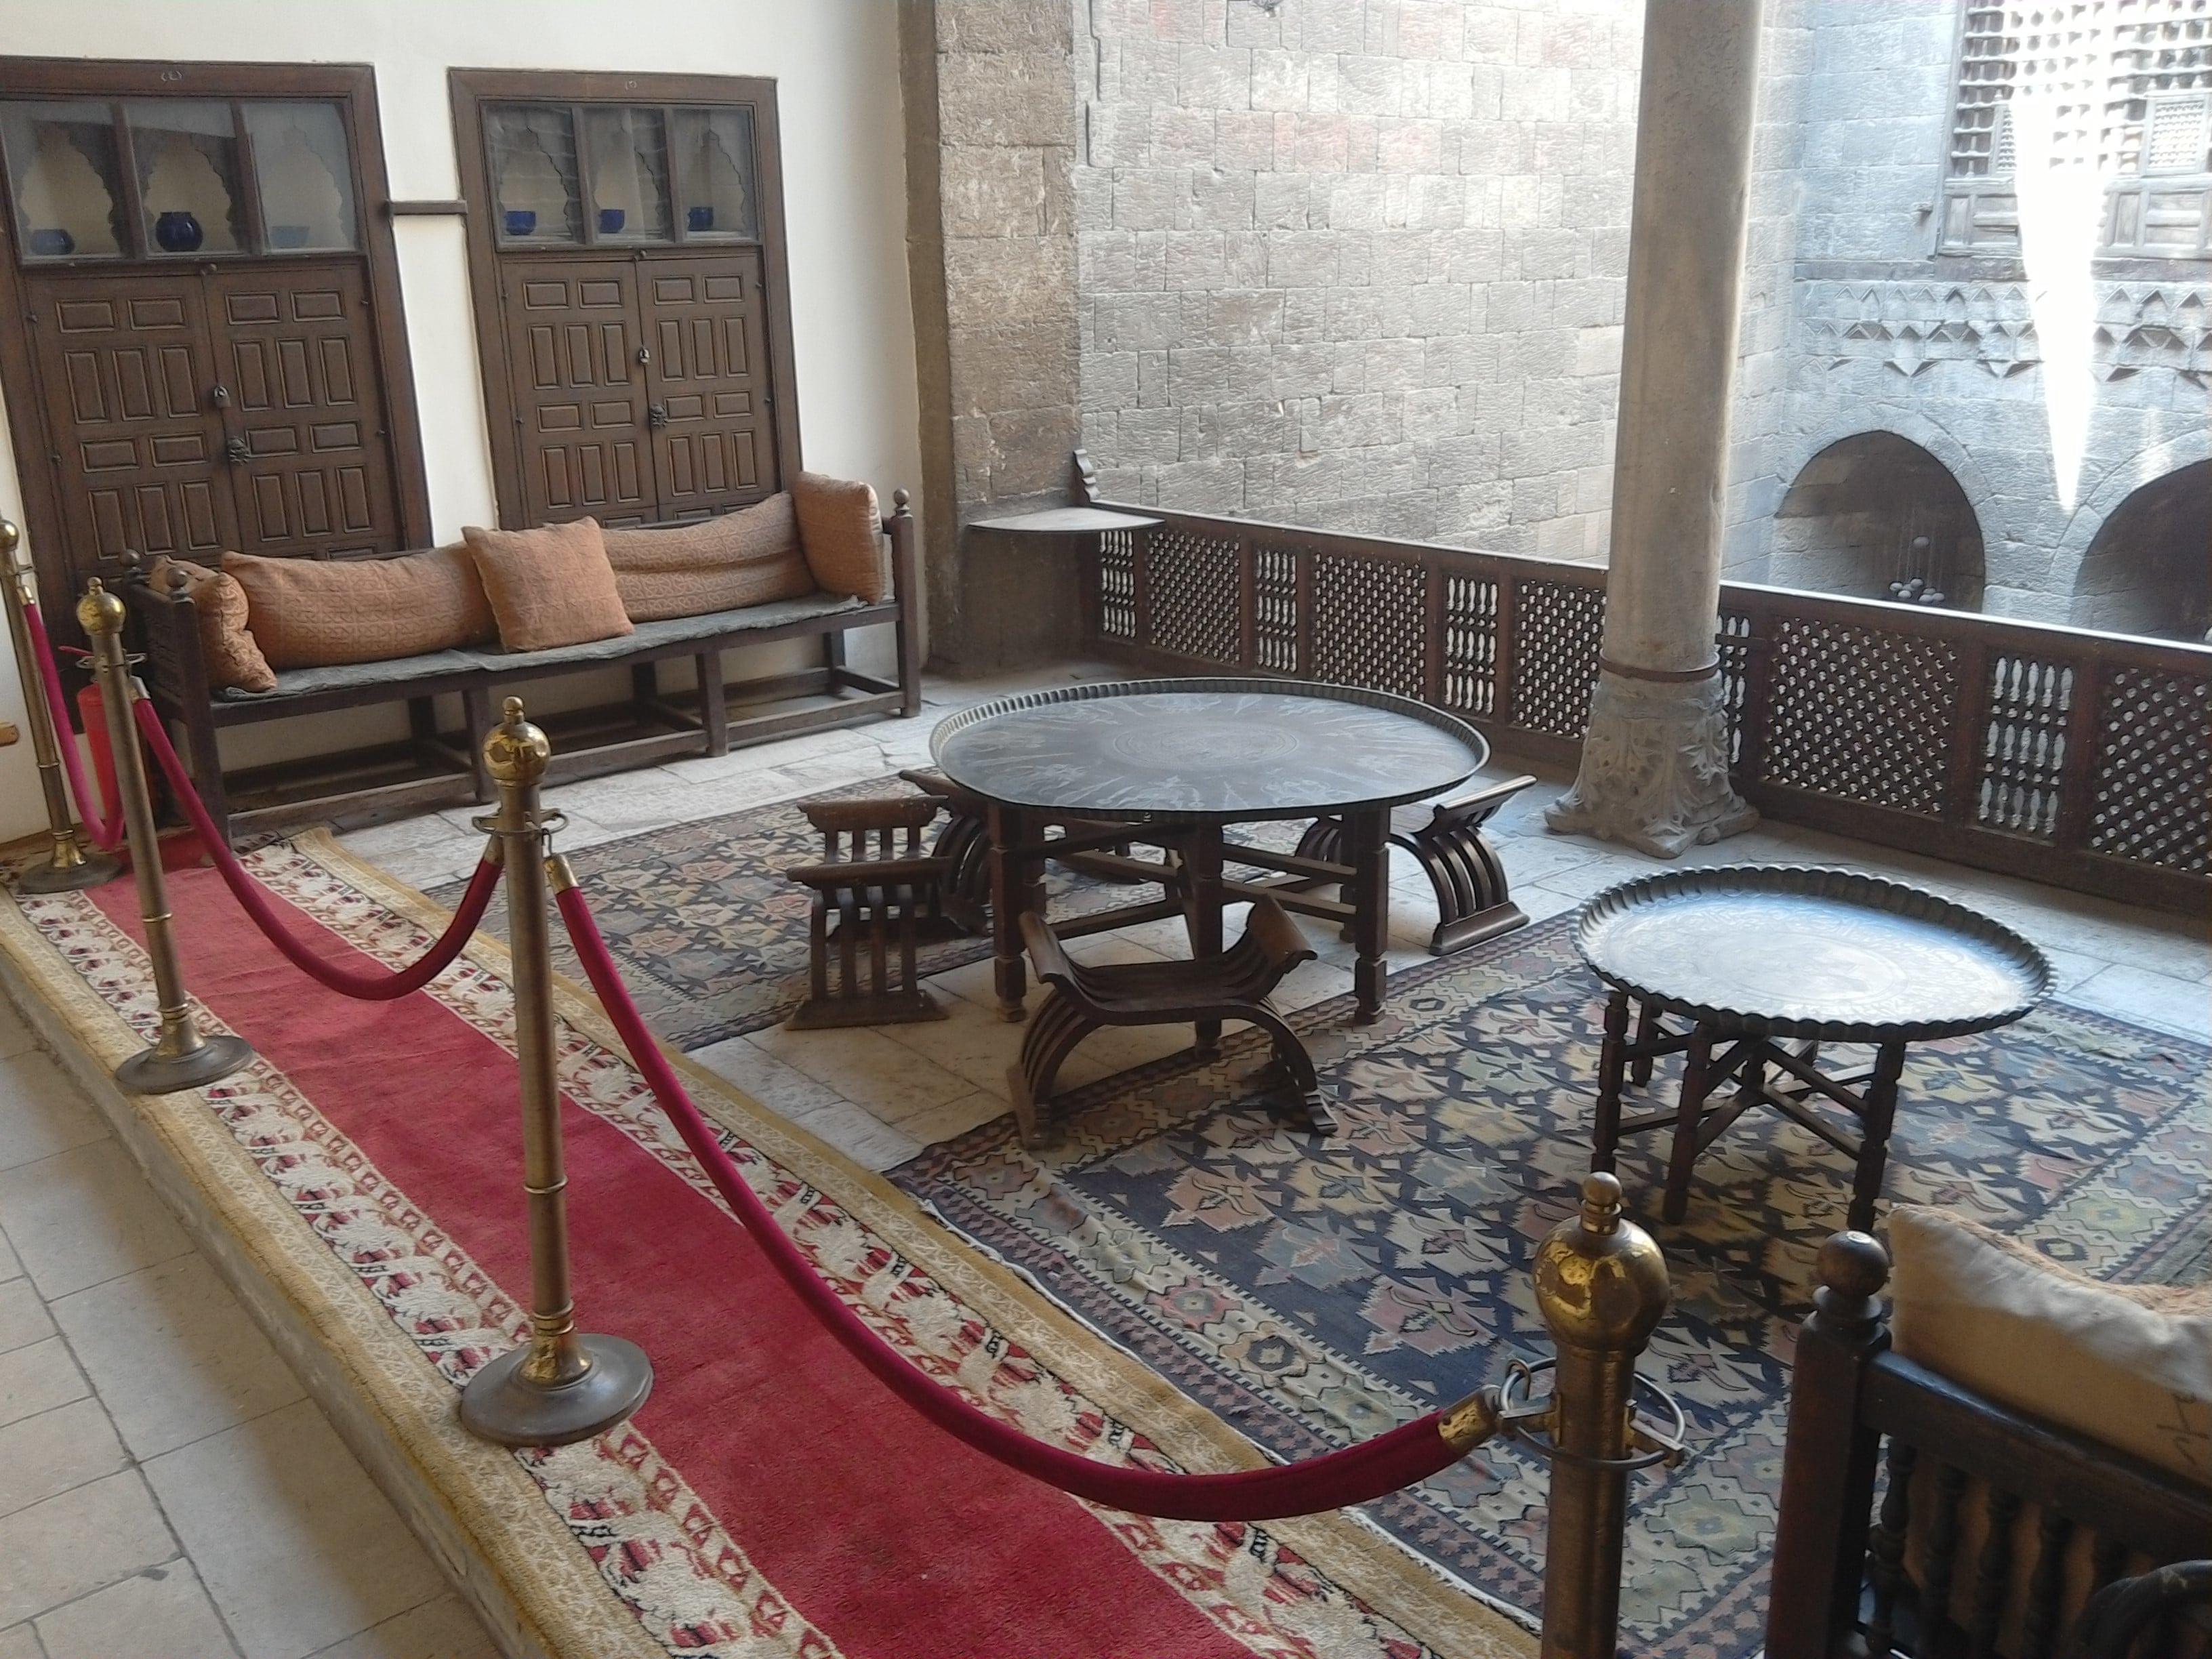 متحف جاير أندرسون مصر | الانشطة السياحية داخل متحف جاير اندرسون